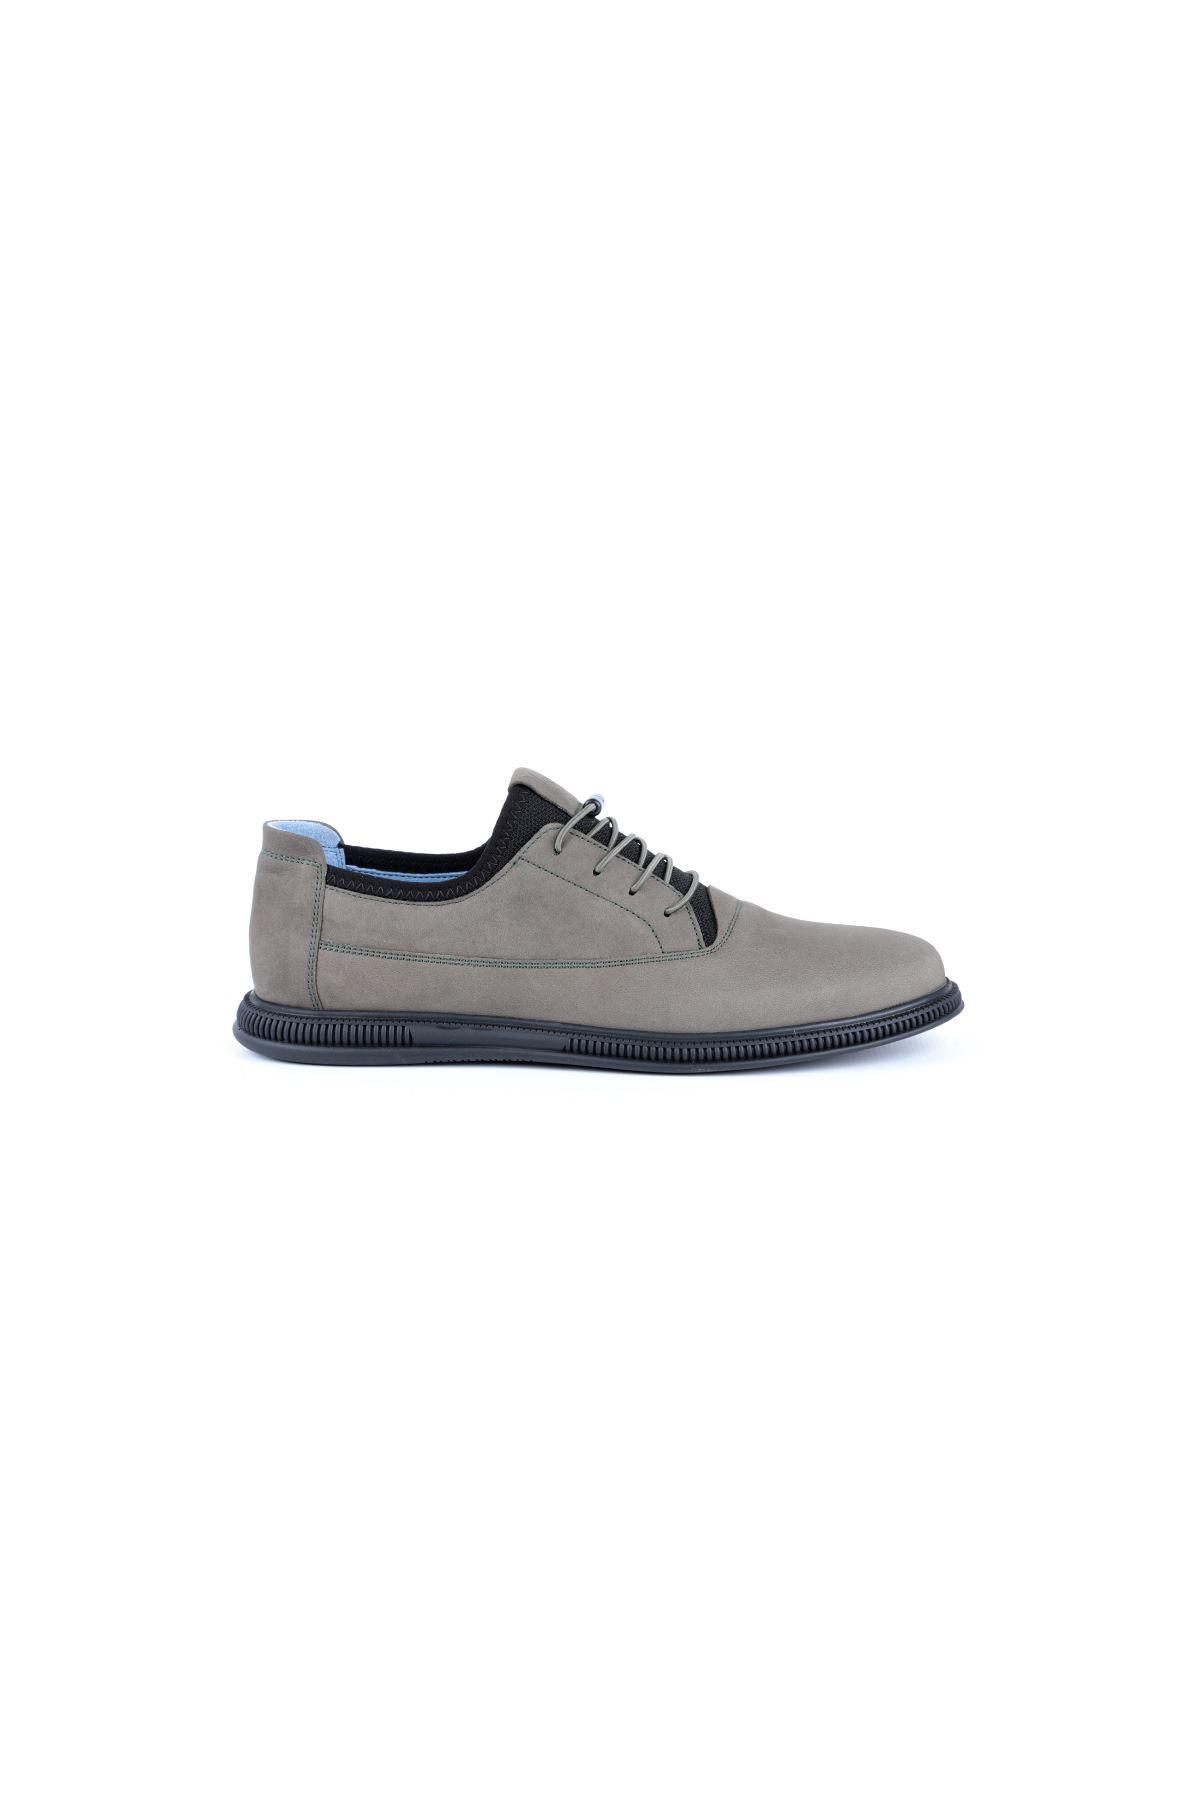 Libero L3726 Haki Casual Erkek Ayakkabı